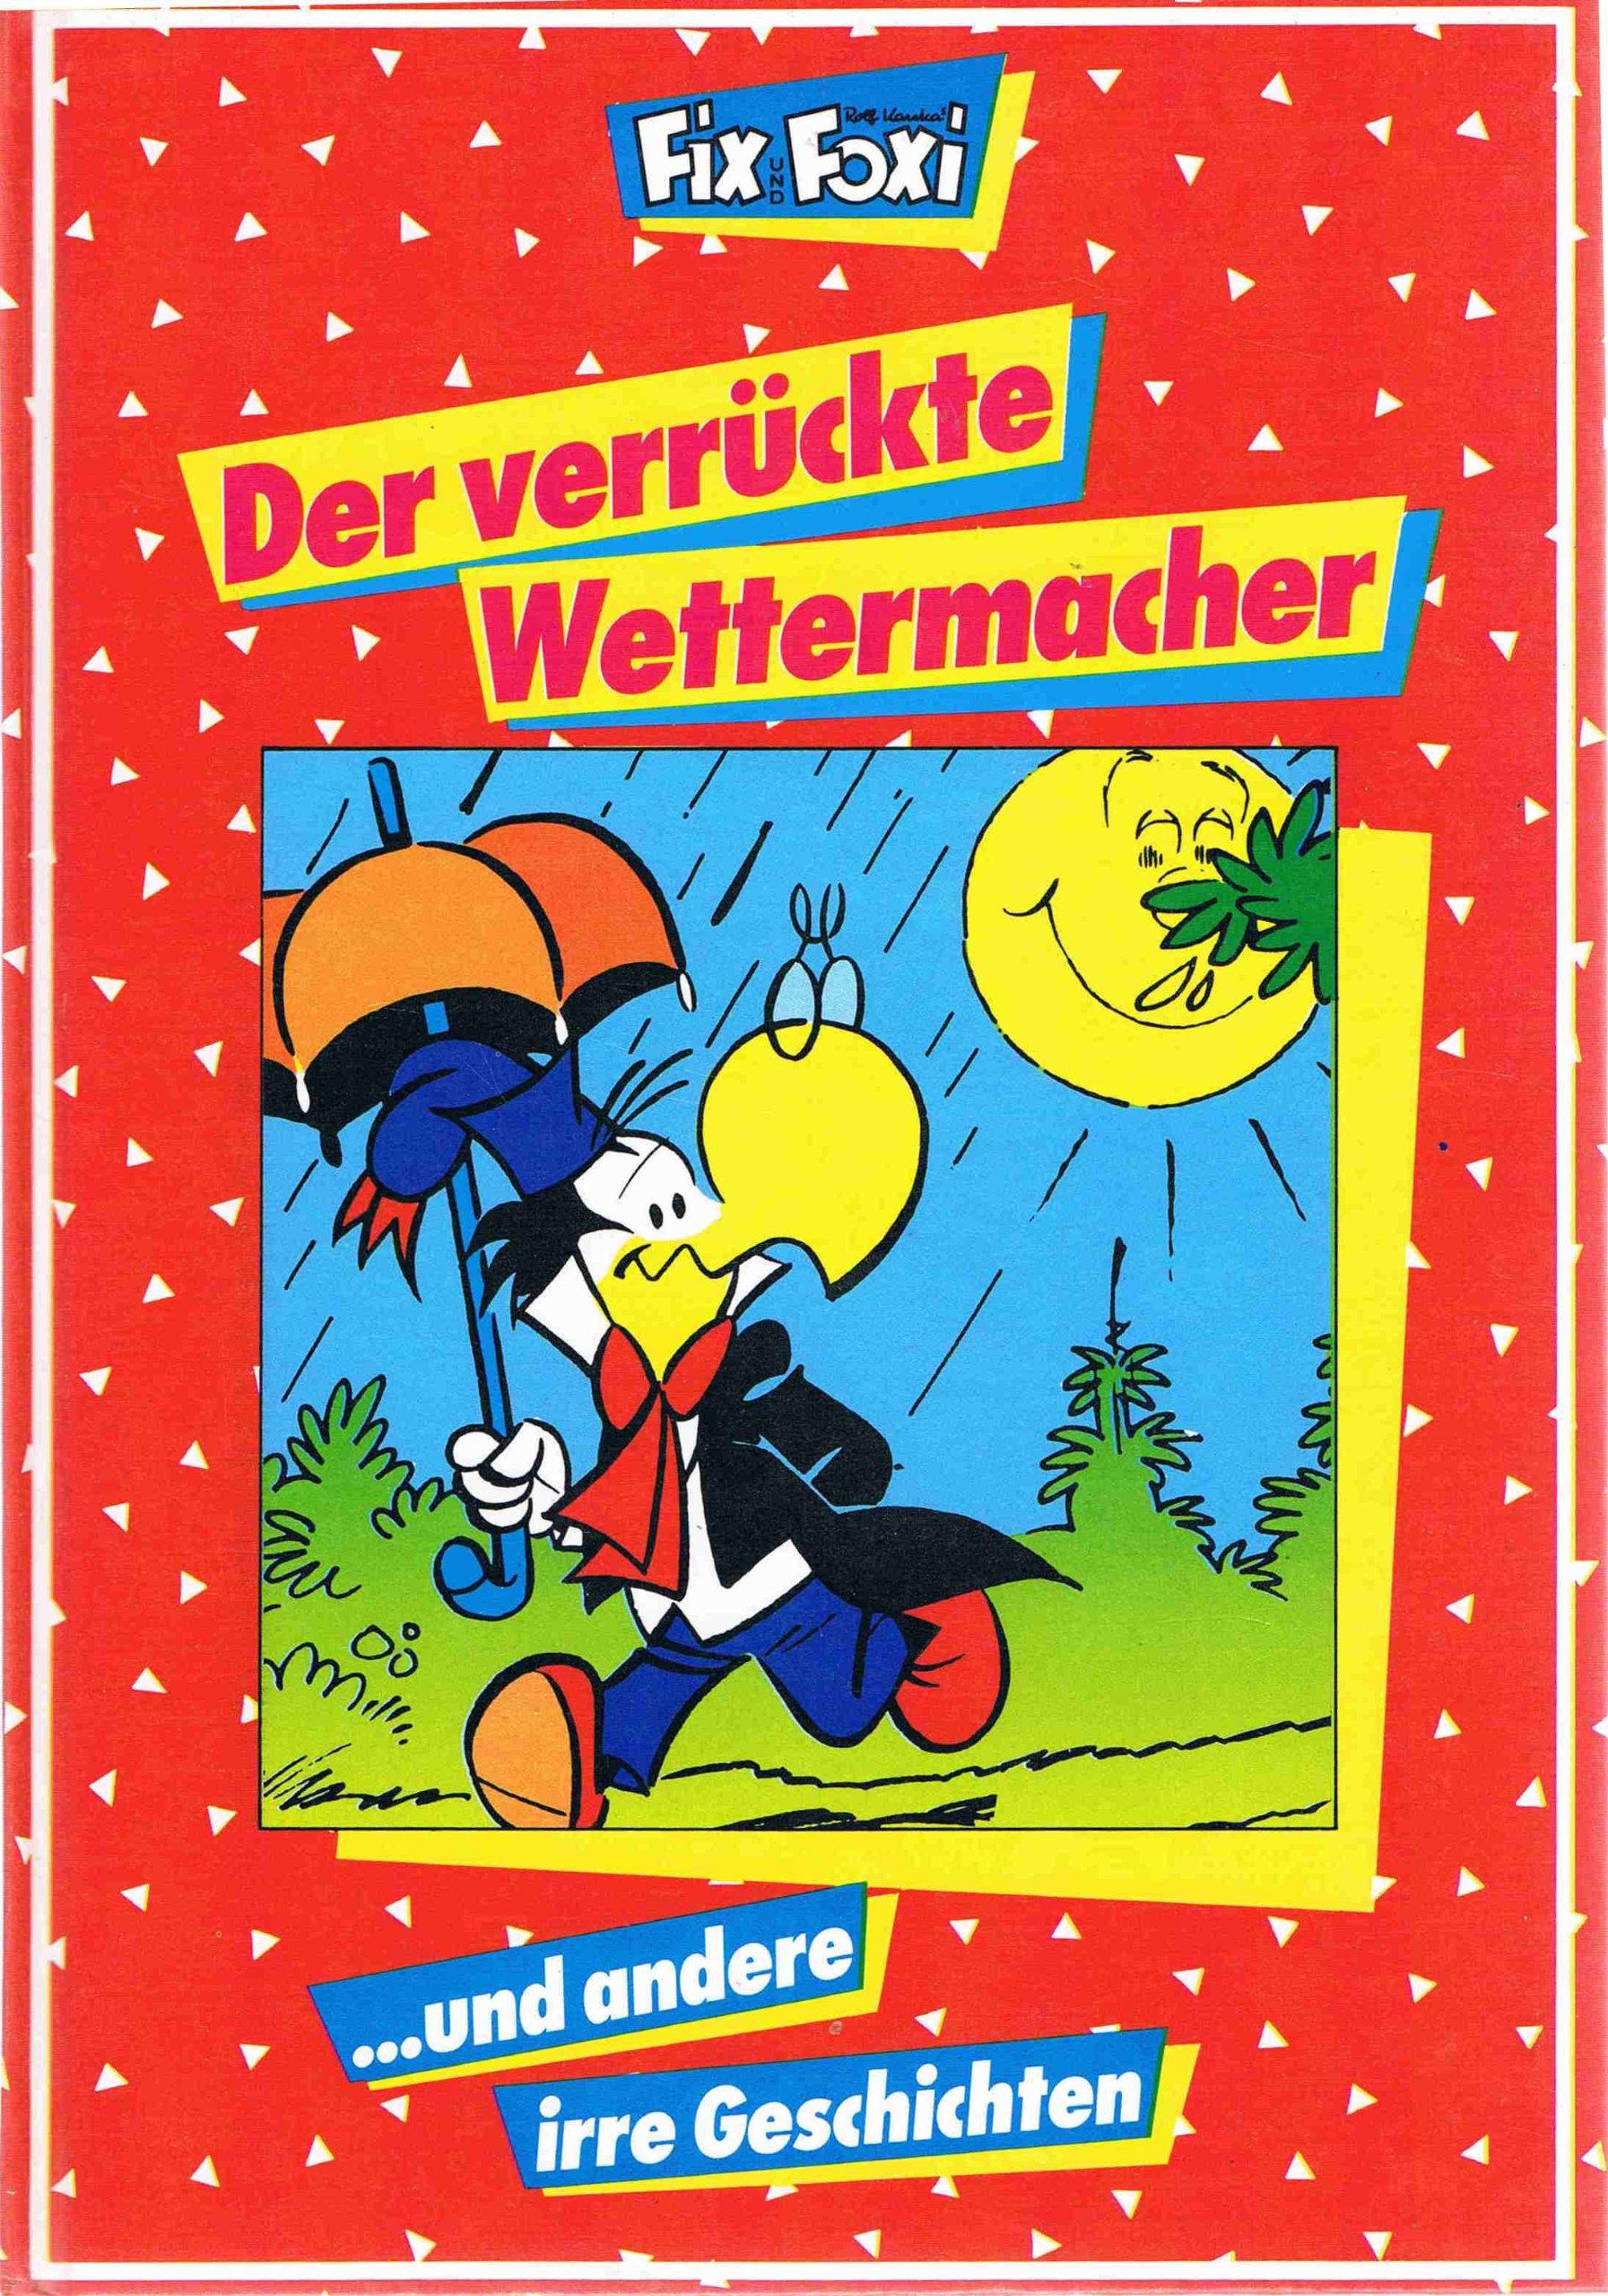 Fix und Foxi. Der verrückte Wettermacher und andere irre Geschichten Gebundenes Buch – September 1994 Rolf Kauka Pabel-Moewig Verlag Kg 381181611X MAK_MNT_9783811816114